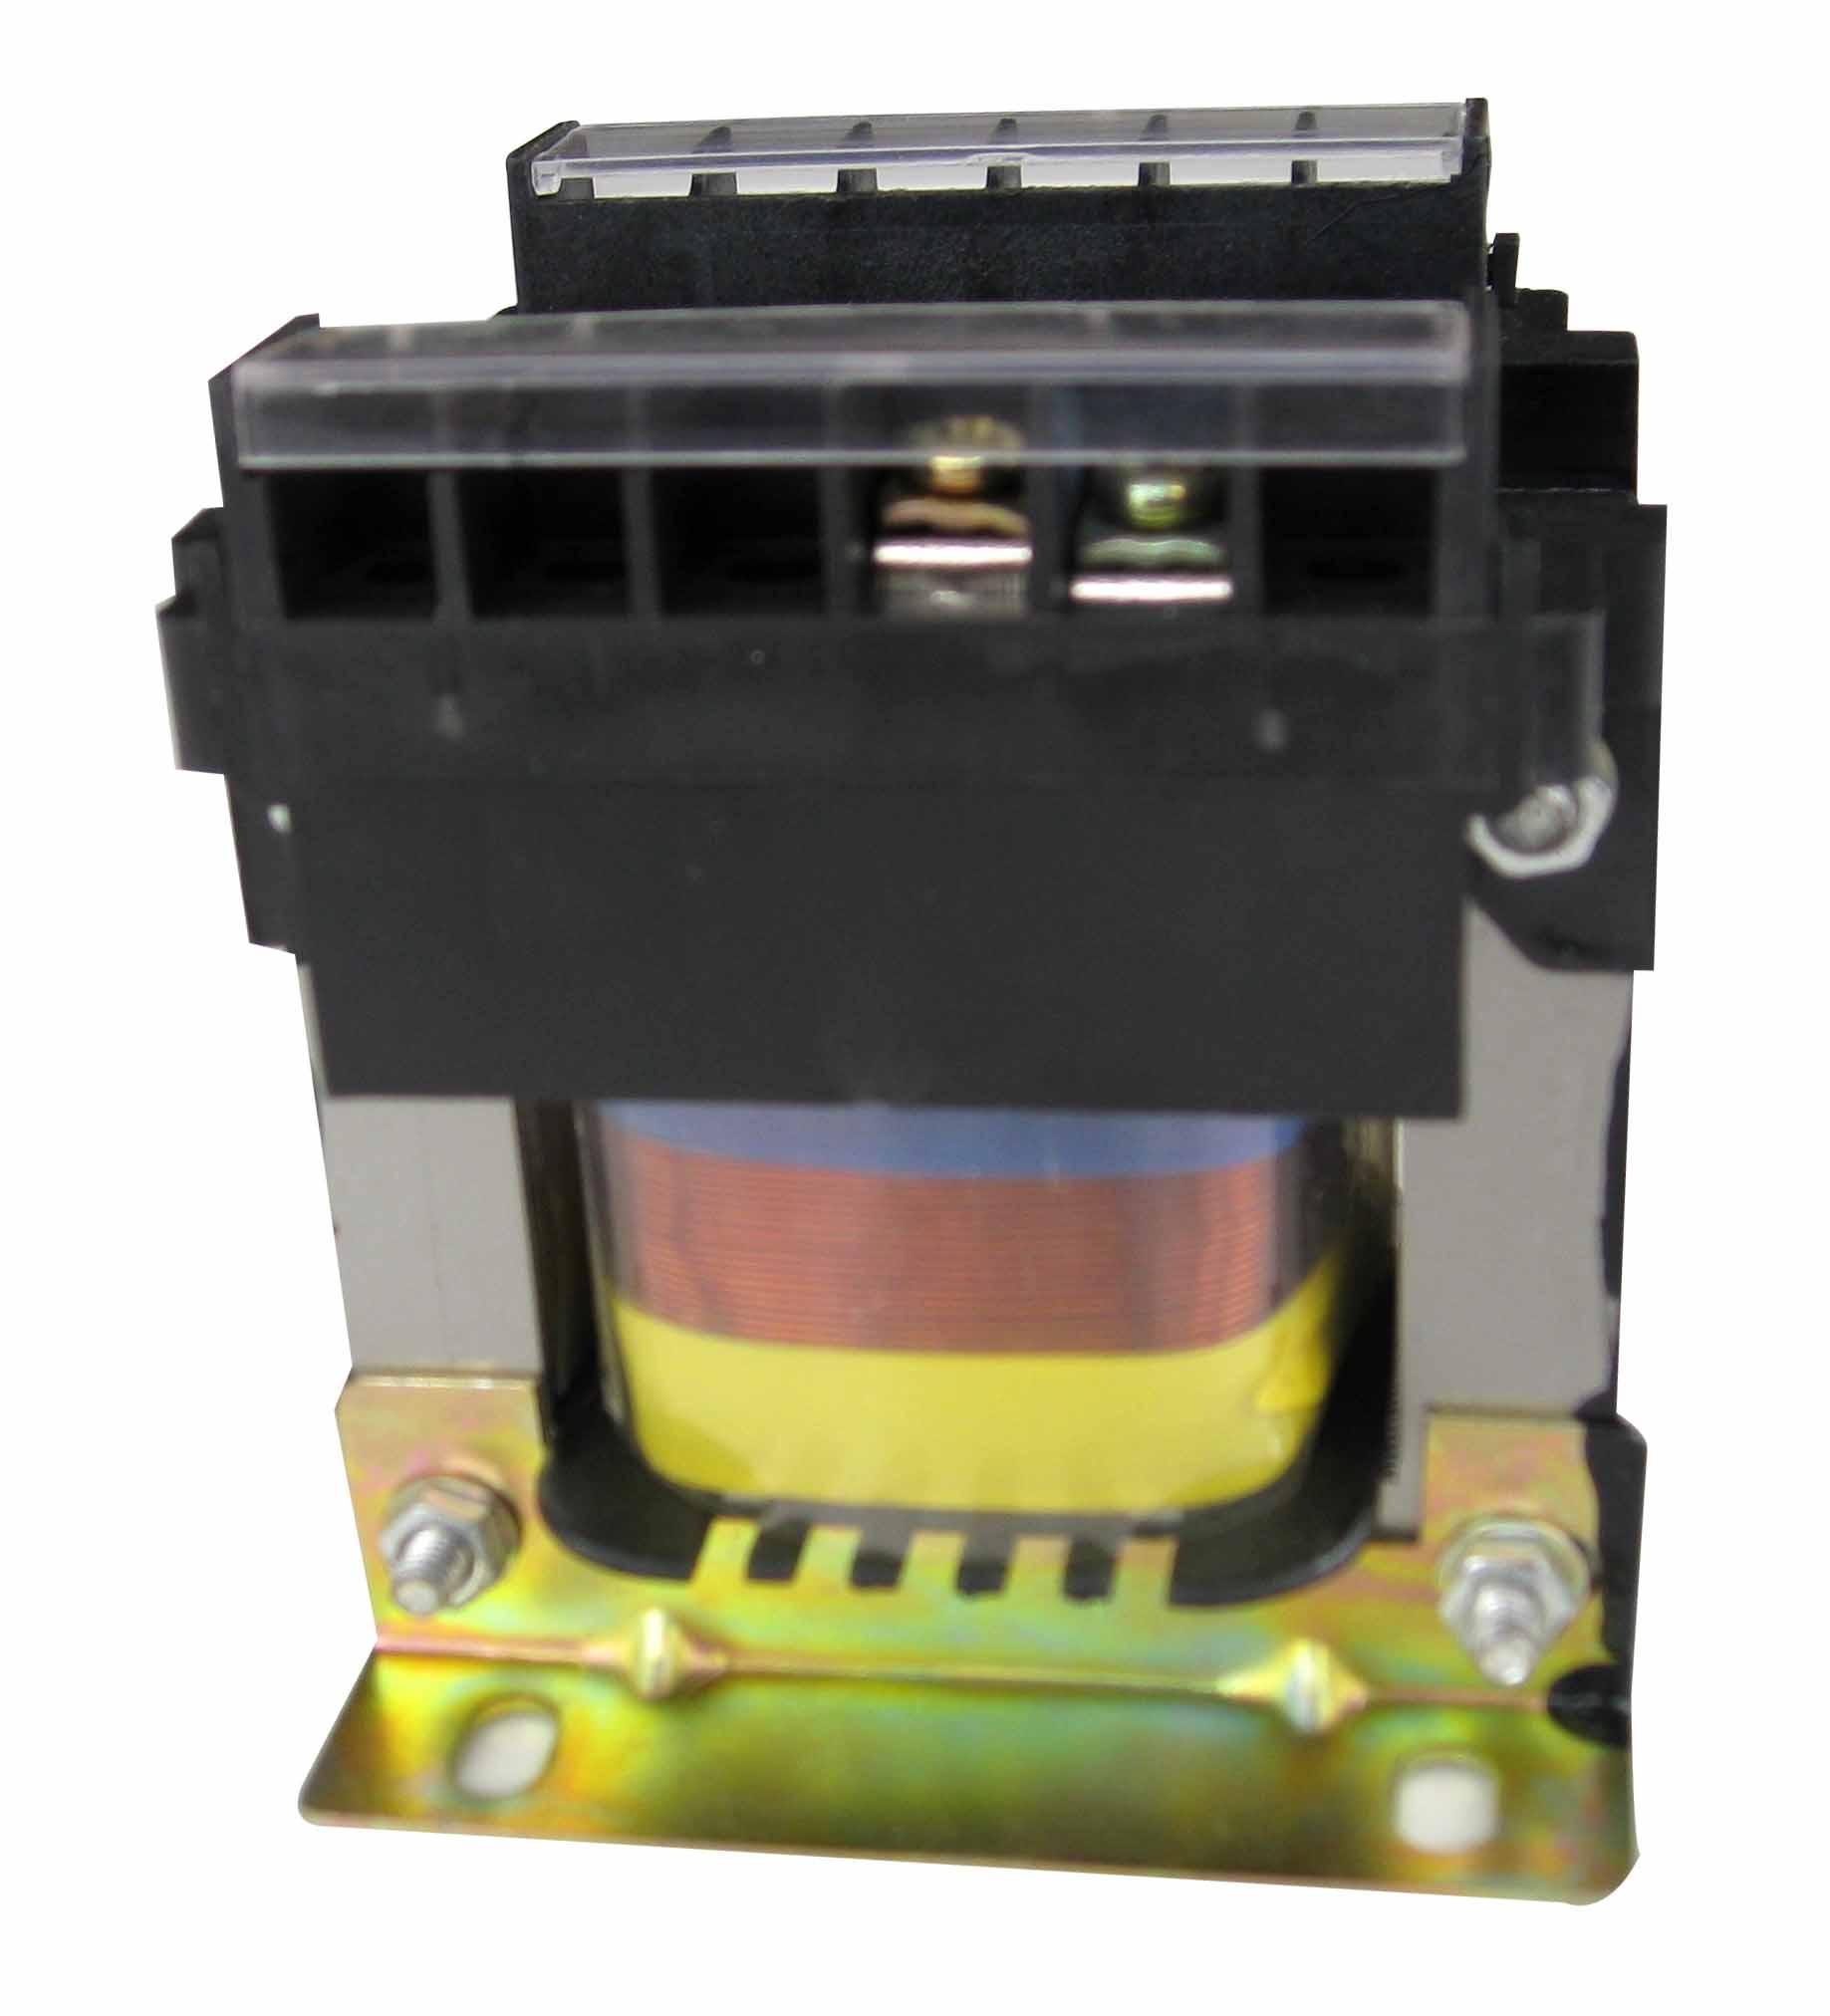 比例积分调节阀ZLBYQ-24能源变压器